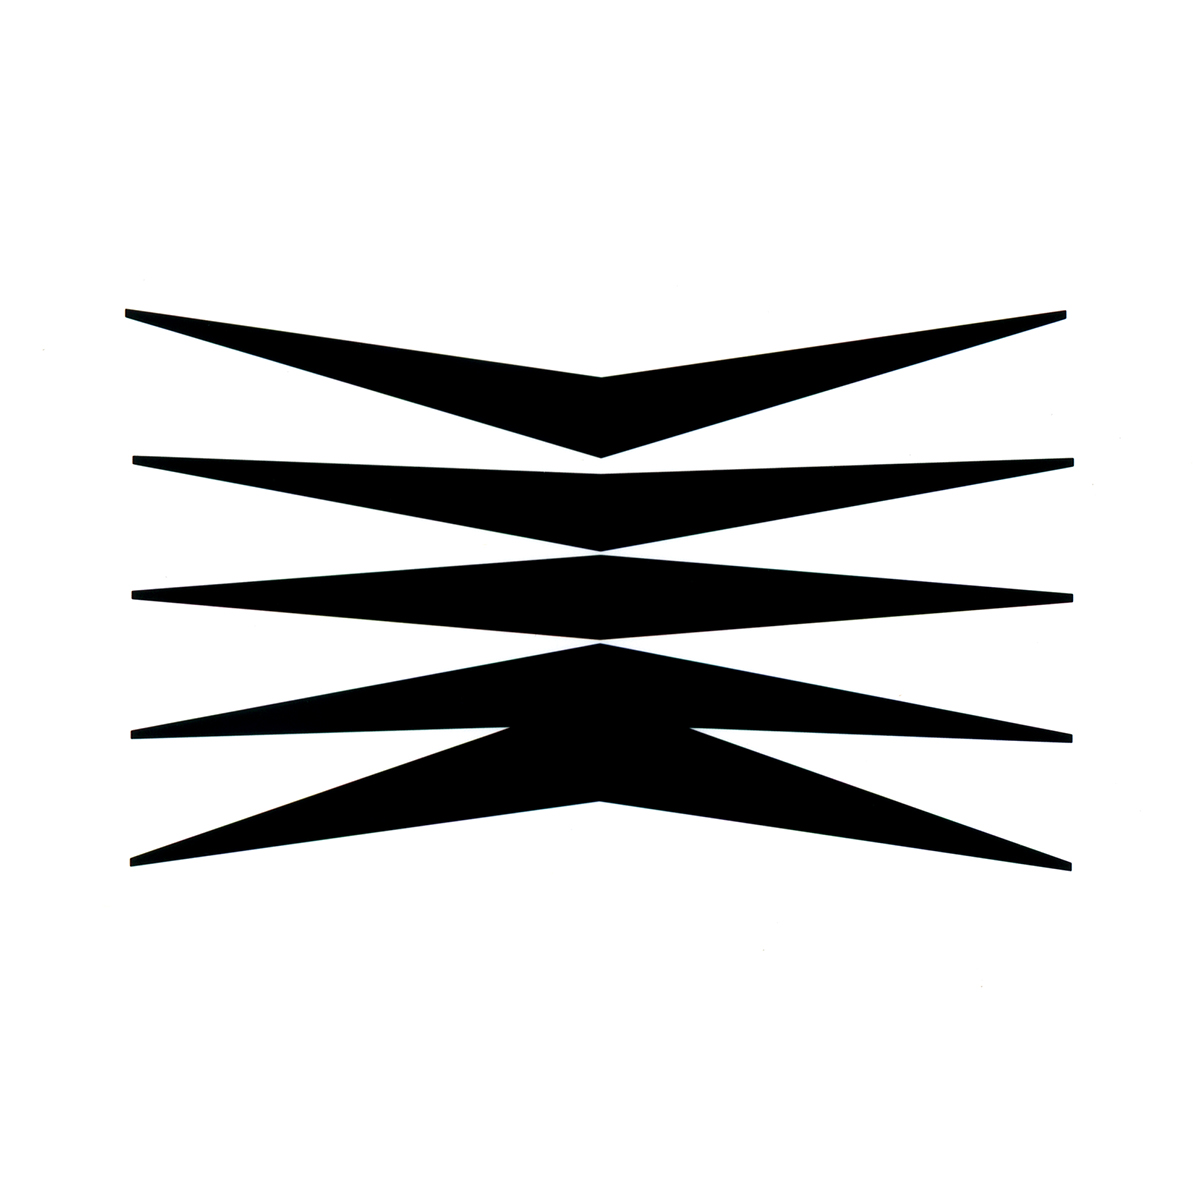 フリーマン・ラウ|シンボル&ロゴ/「Prime Publishing Co.」「Hing Yick Development Ltd.」「Chex International Sales Ltd.」